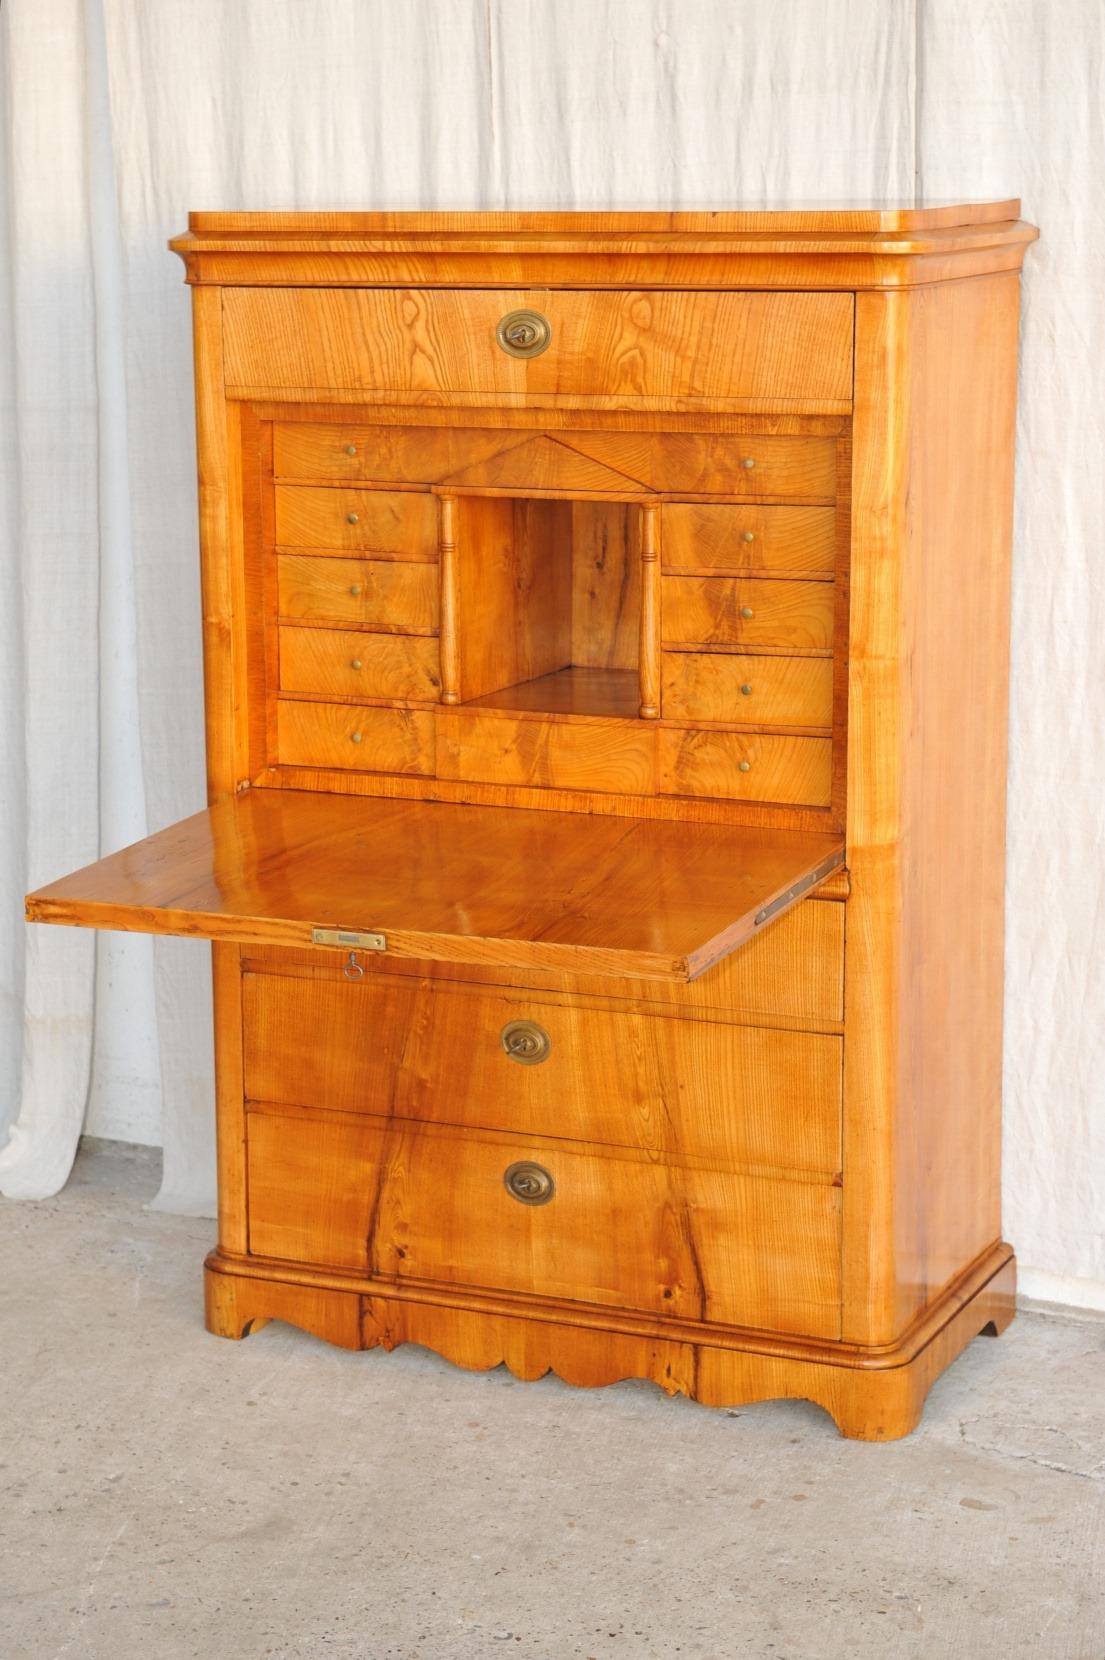 biedermeier sekretaer 1194 biedermeier sekretaer 1194 biedermeier sekretaer 1194 biedermeier. Black Bedroom Furniture Sets. Home Design Ideas